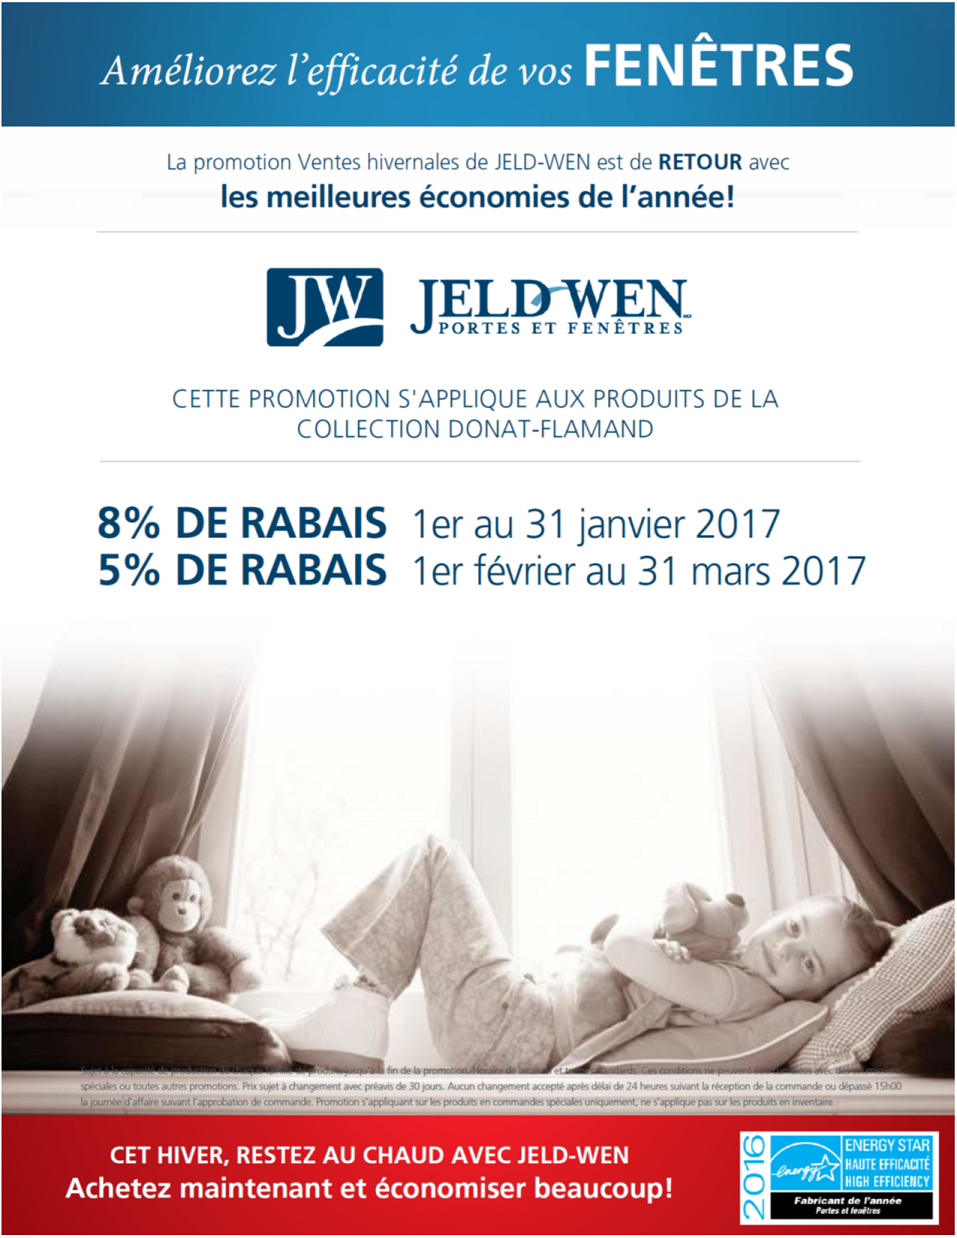 Promotion Fenêtres Jeld-wen HIver 2017